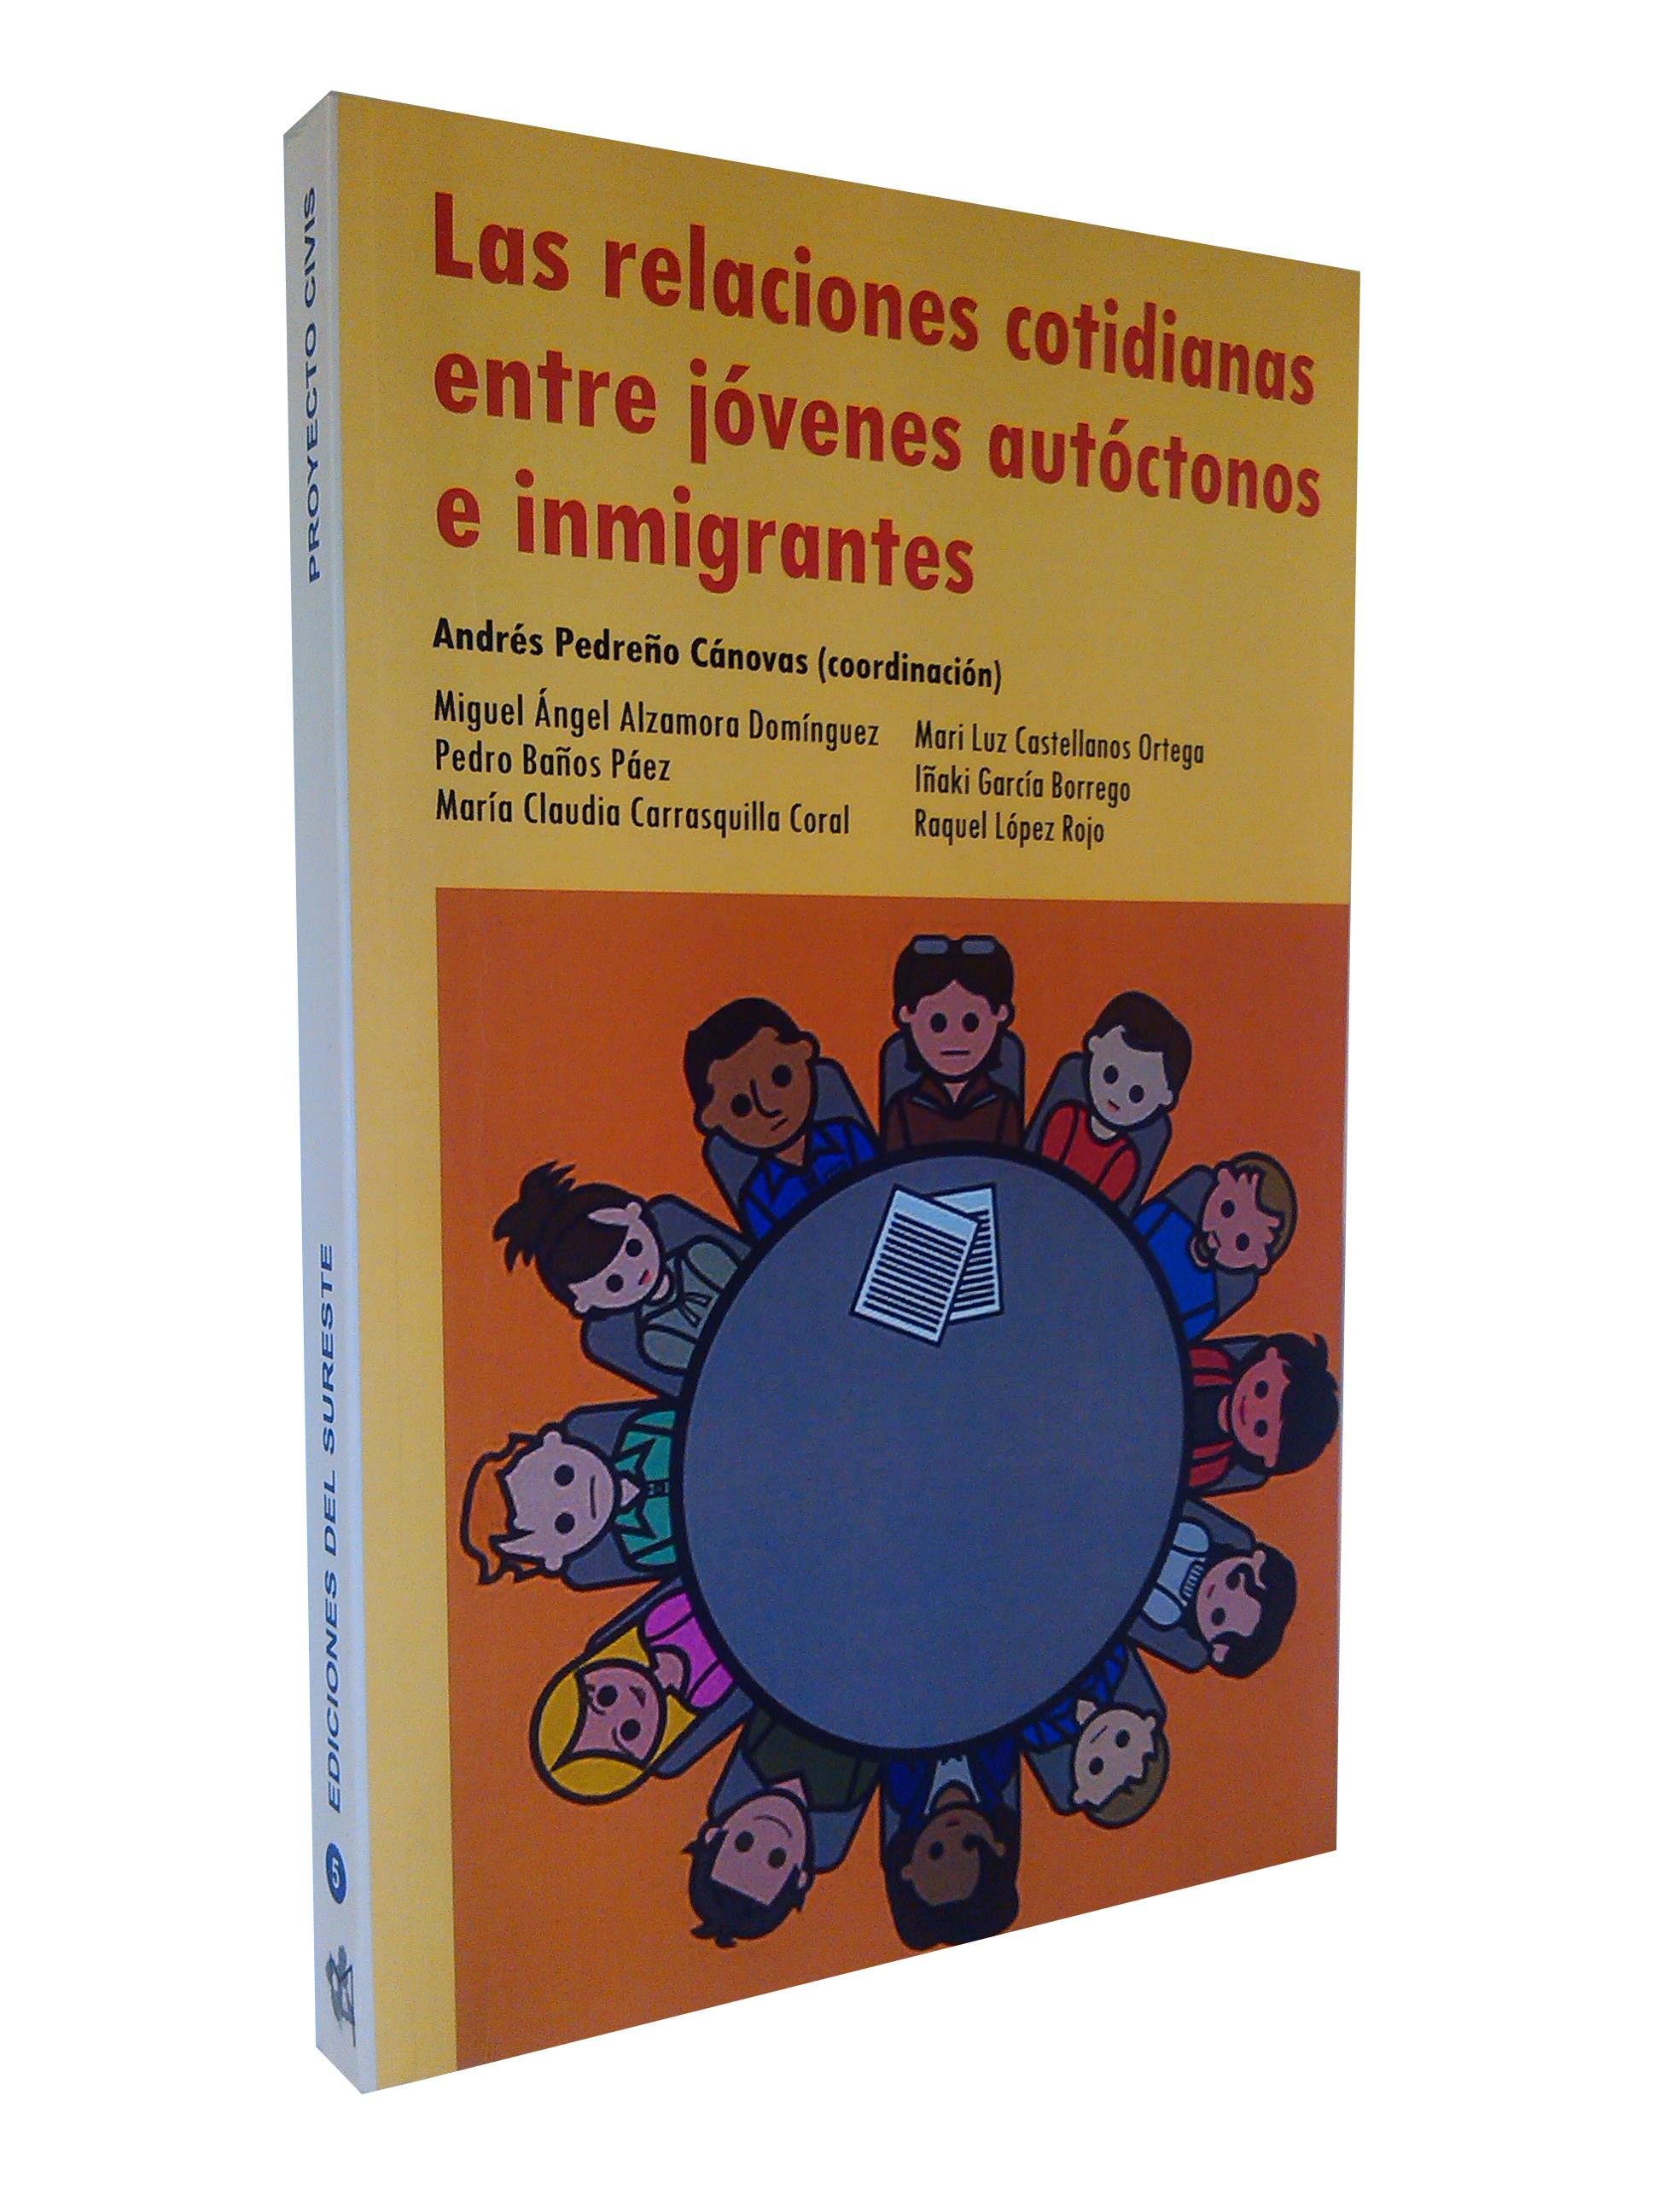 Las relaciones cotidianas entre jóvenes autóctonos e inmigrantes